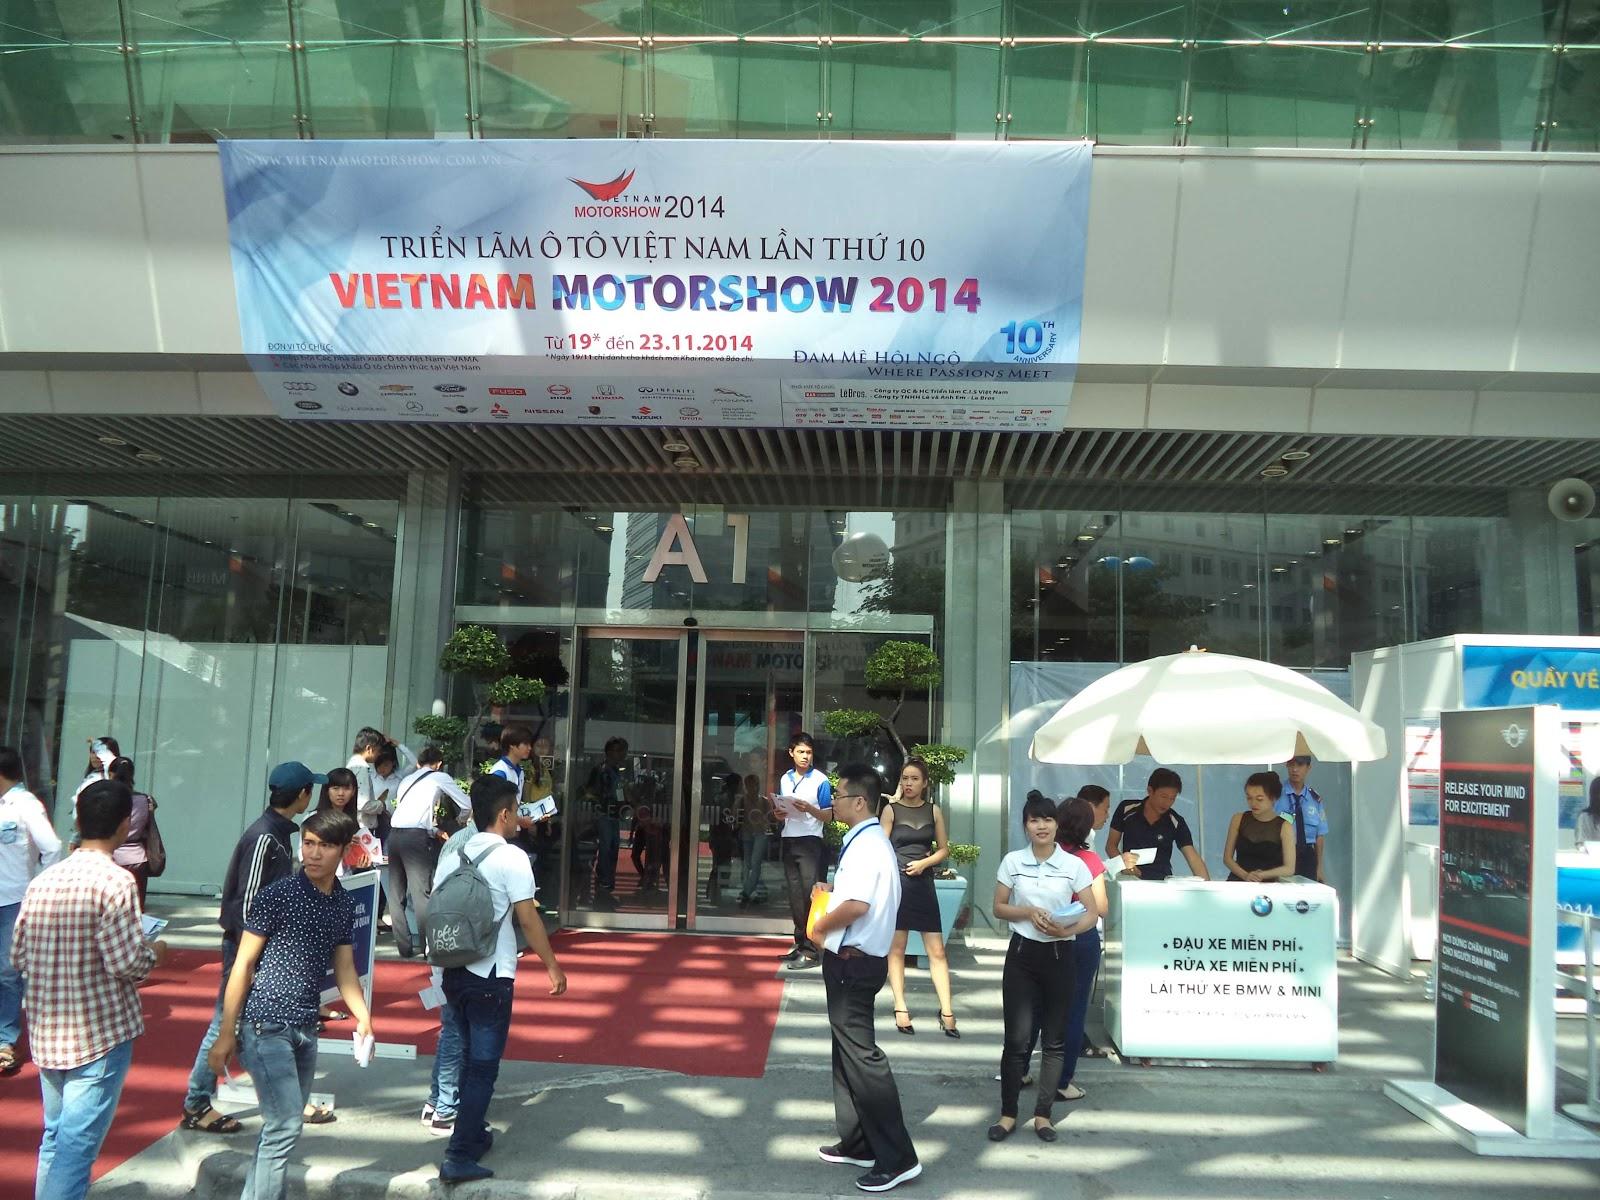 Dạo một vòng Việt Nam Motor Show 2014 cùng Terocket